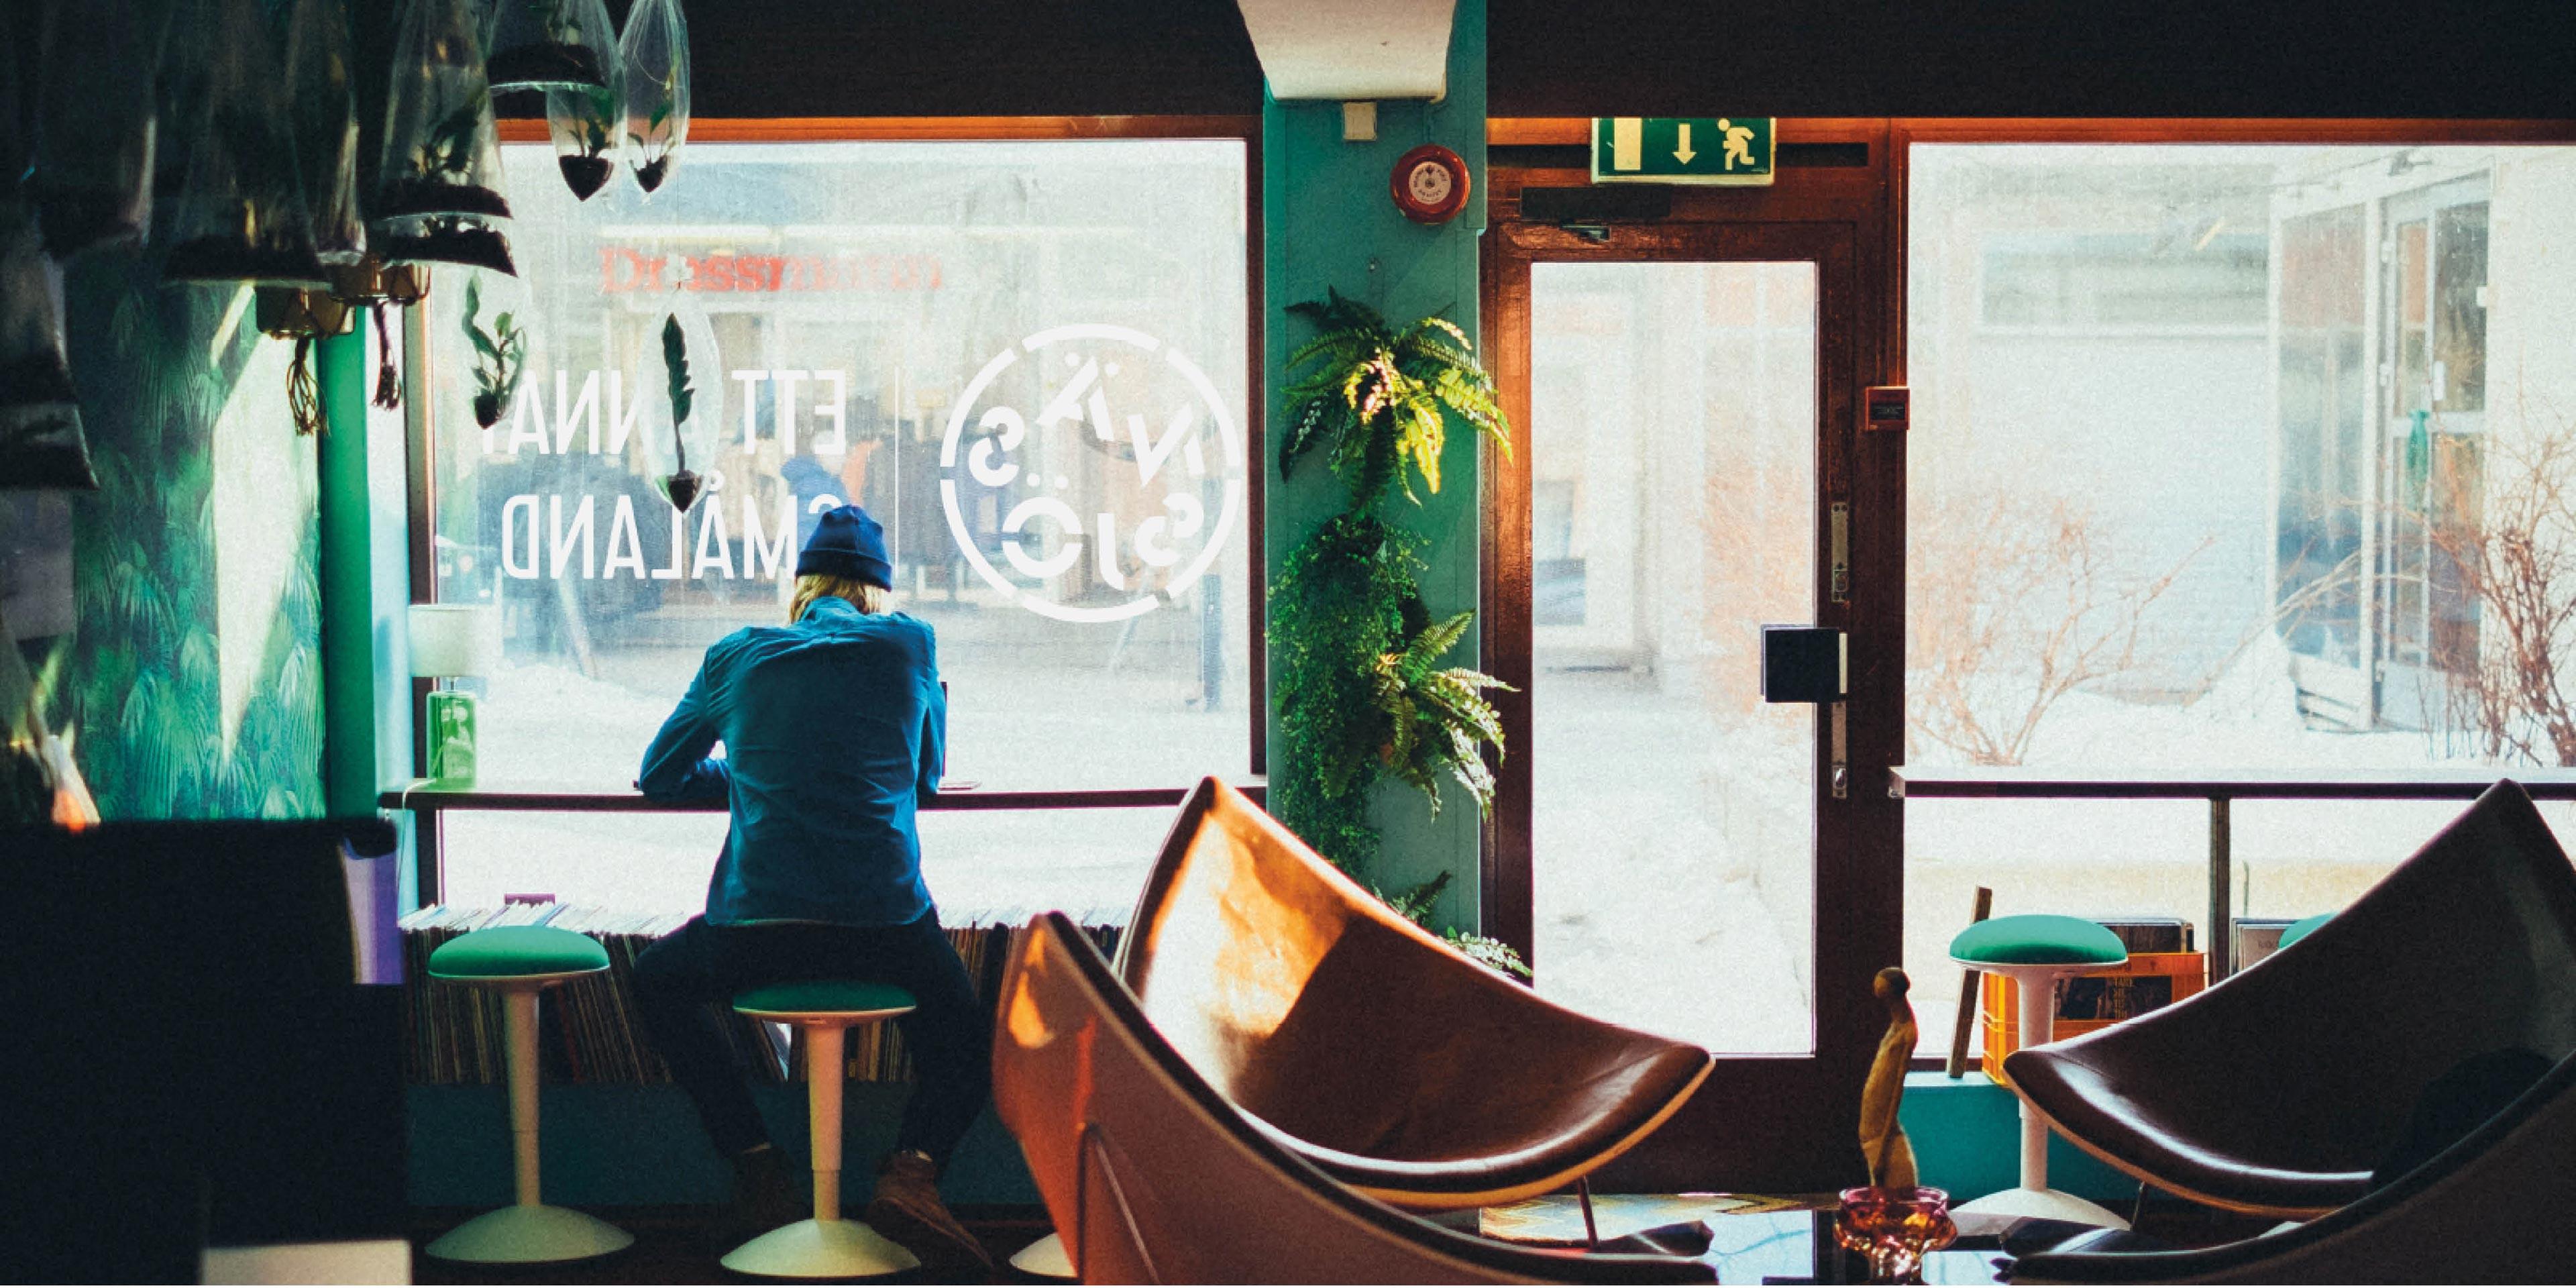 Cafe med Nässjös plastlogotyp på rutan